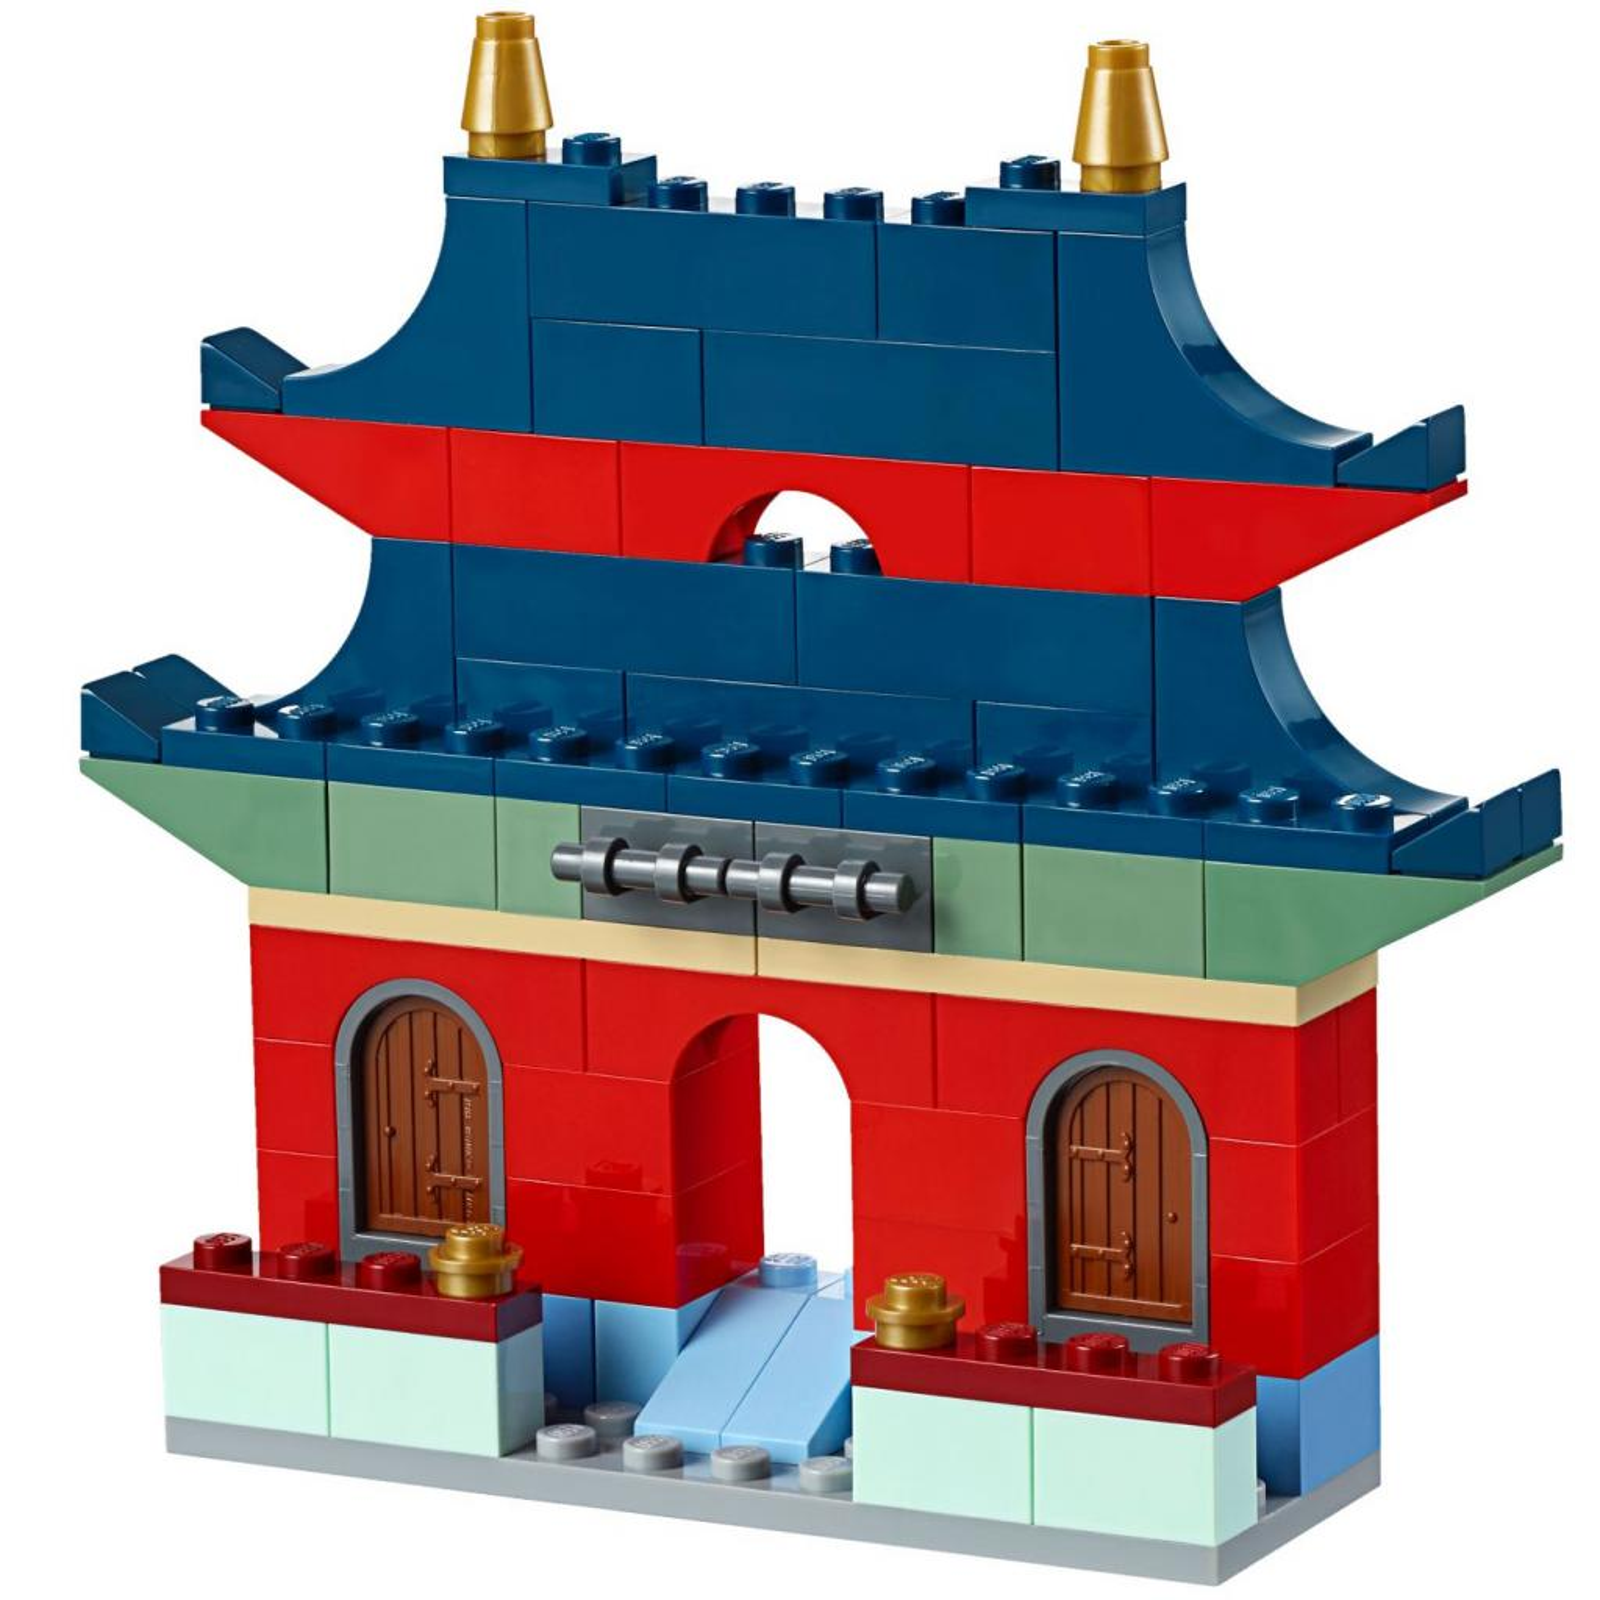 Конструктор LEGO Classic Набор кубиков для свободного конструирования (10702) изображение 10